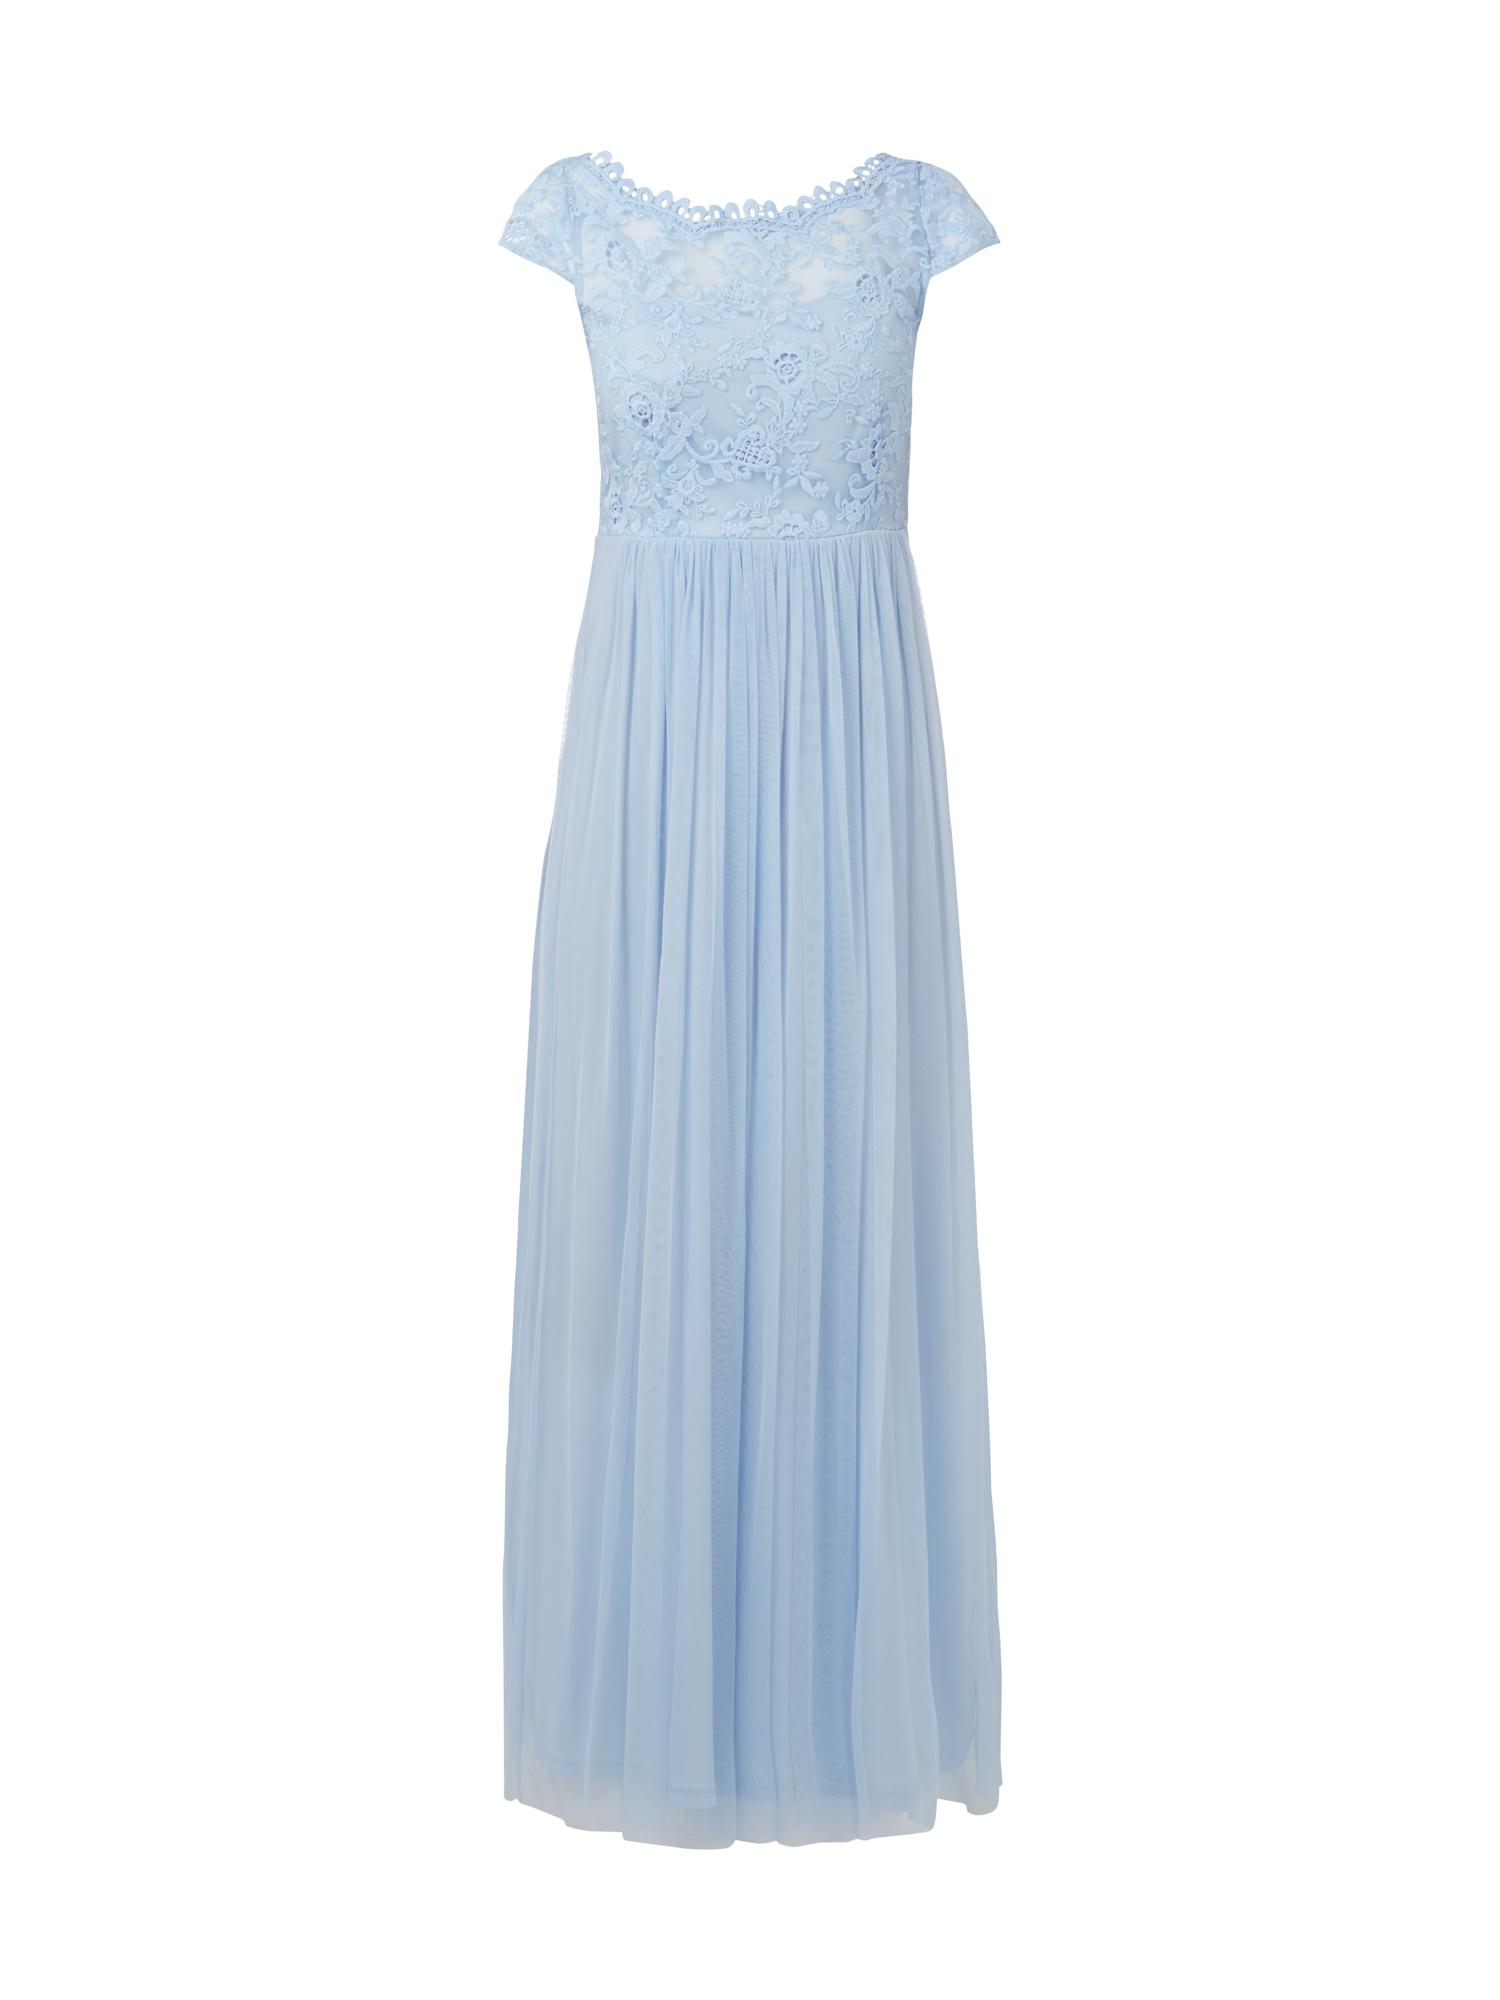 15d6a914600604 Peek und cloppenburg kleid rosa blau – Beliebte kurze kleider